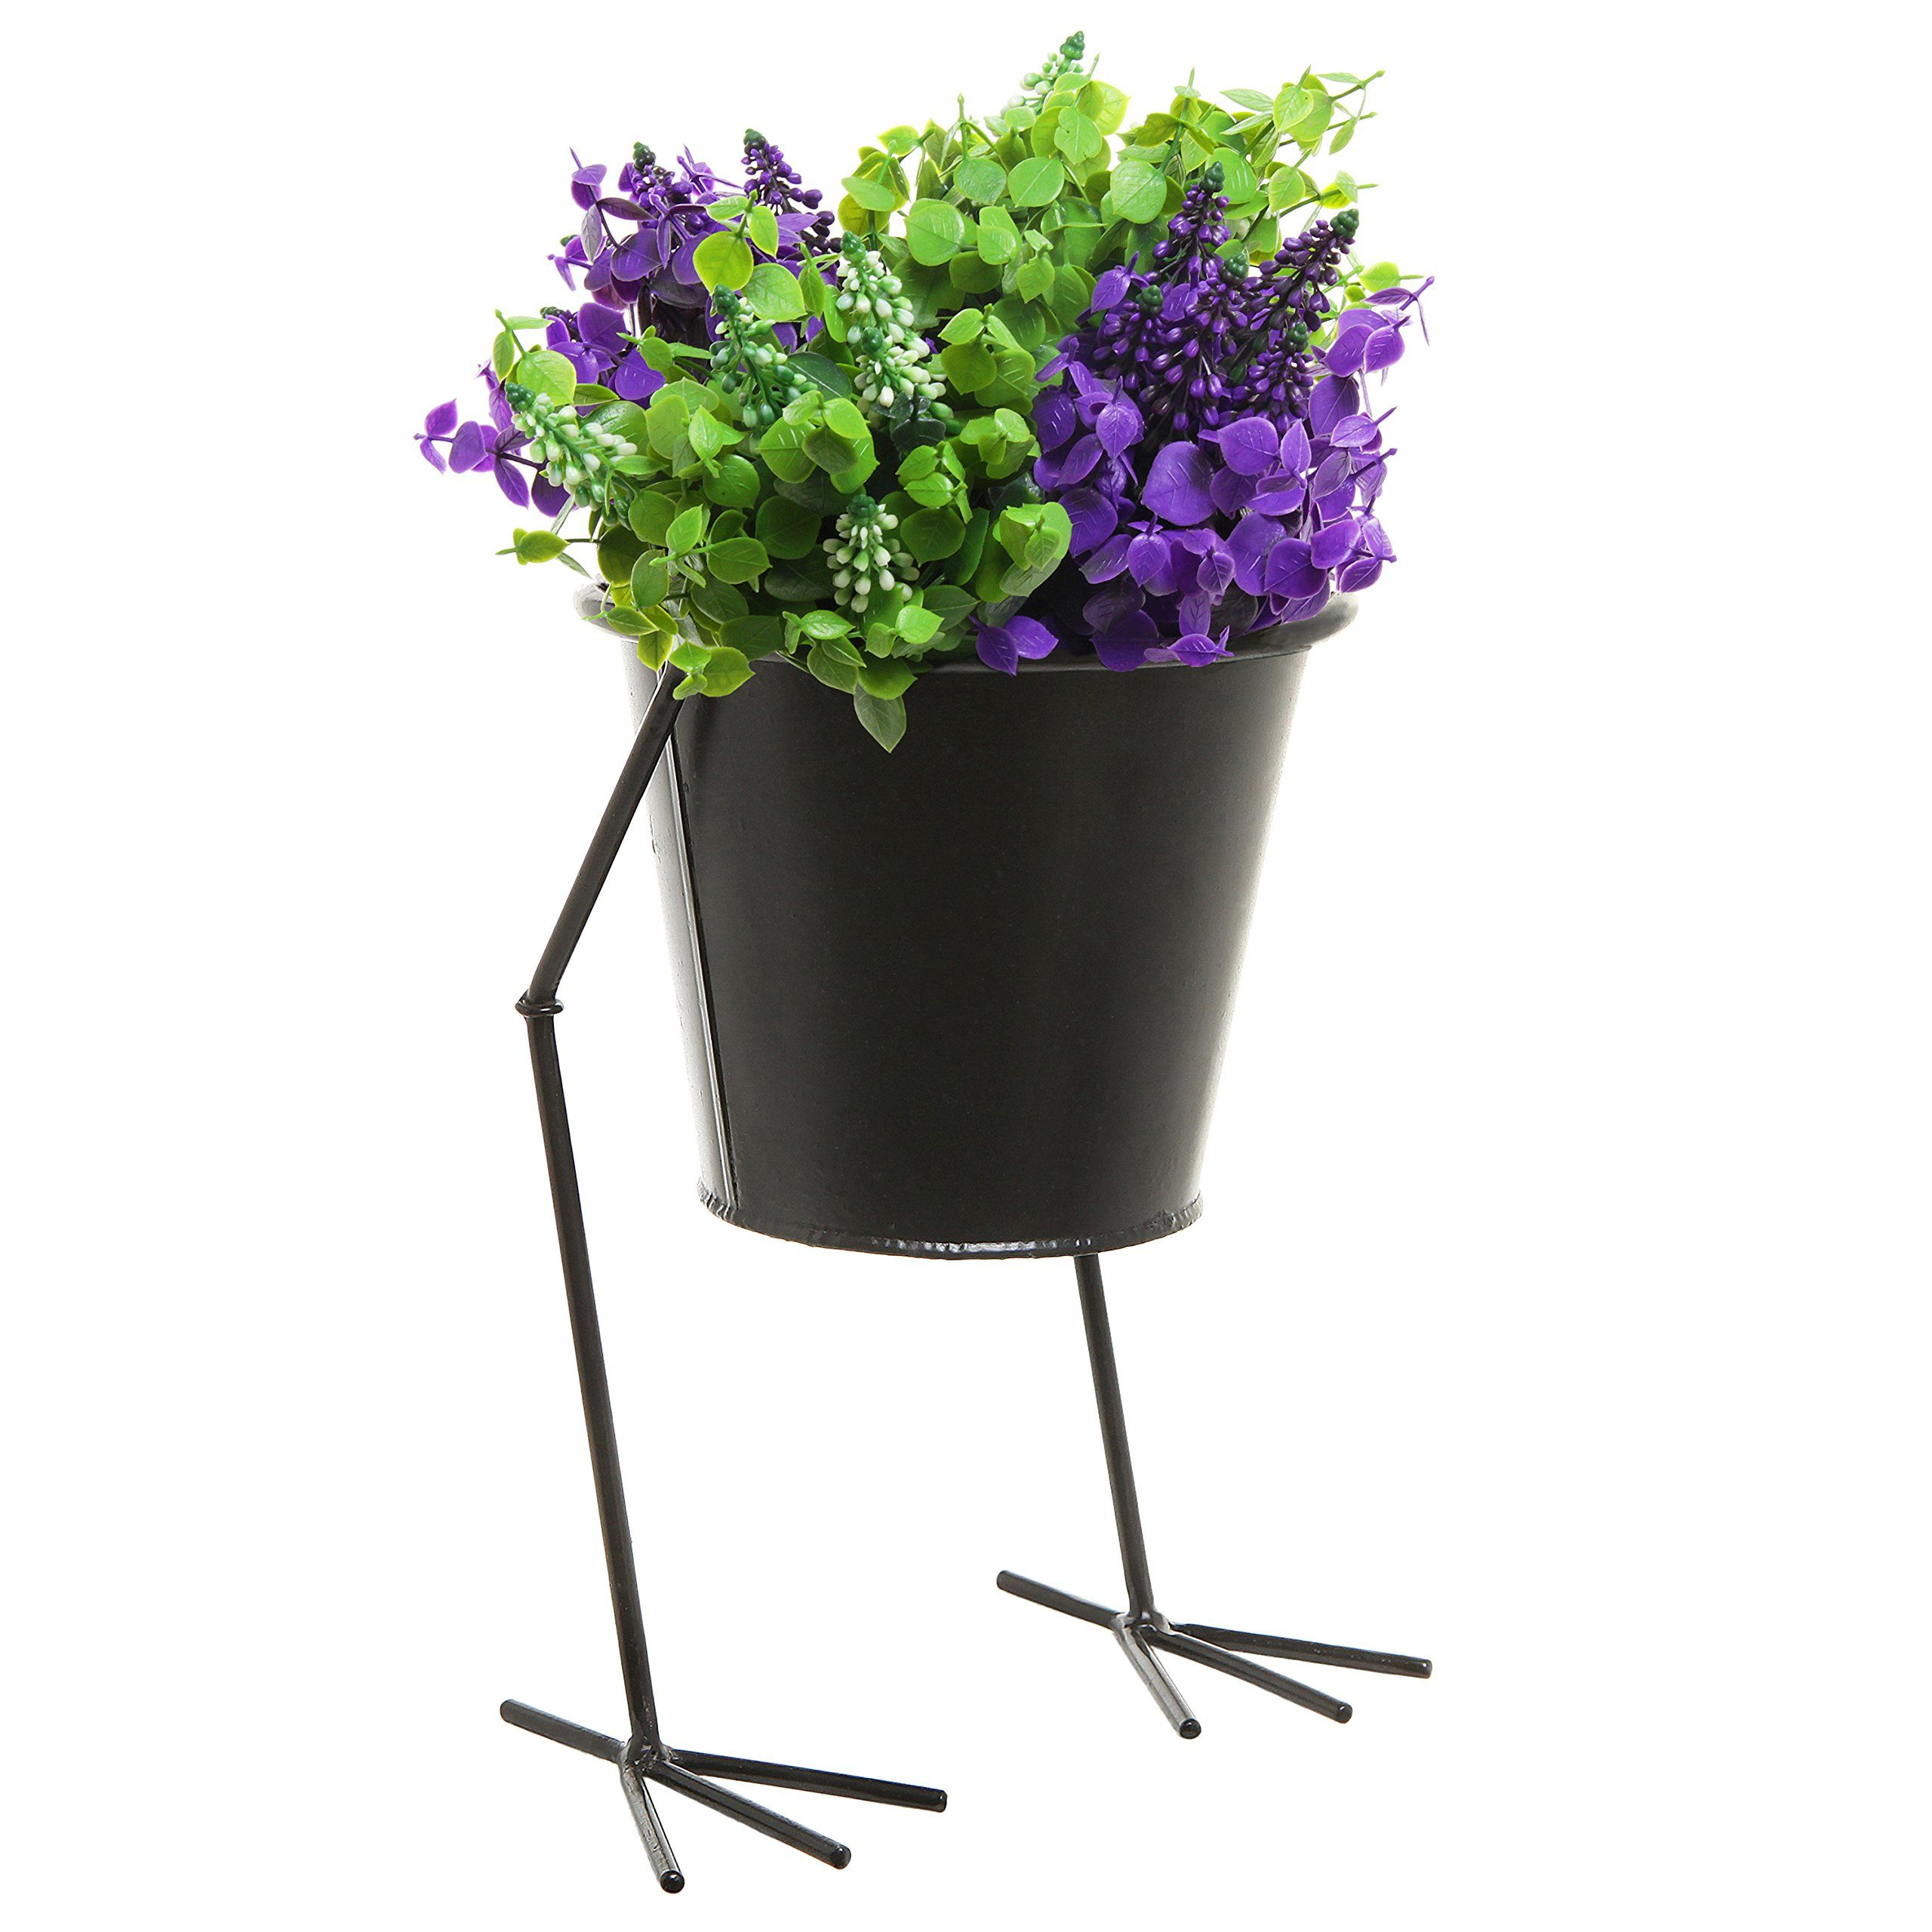 Decorative Black Metal Chicken Leg Design Outdoor & Indoor